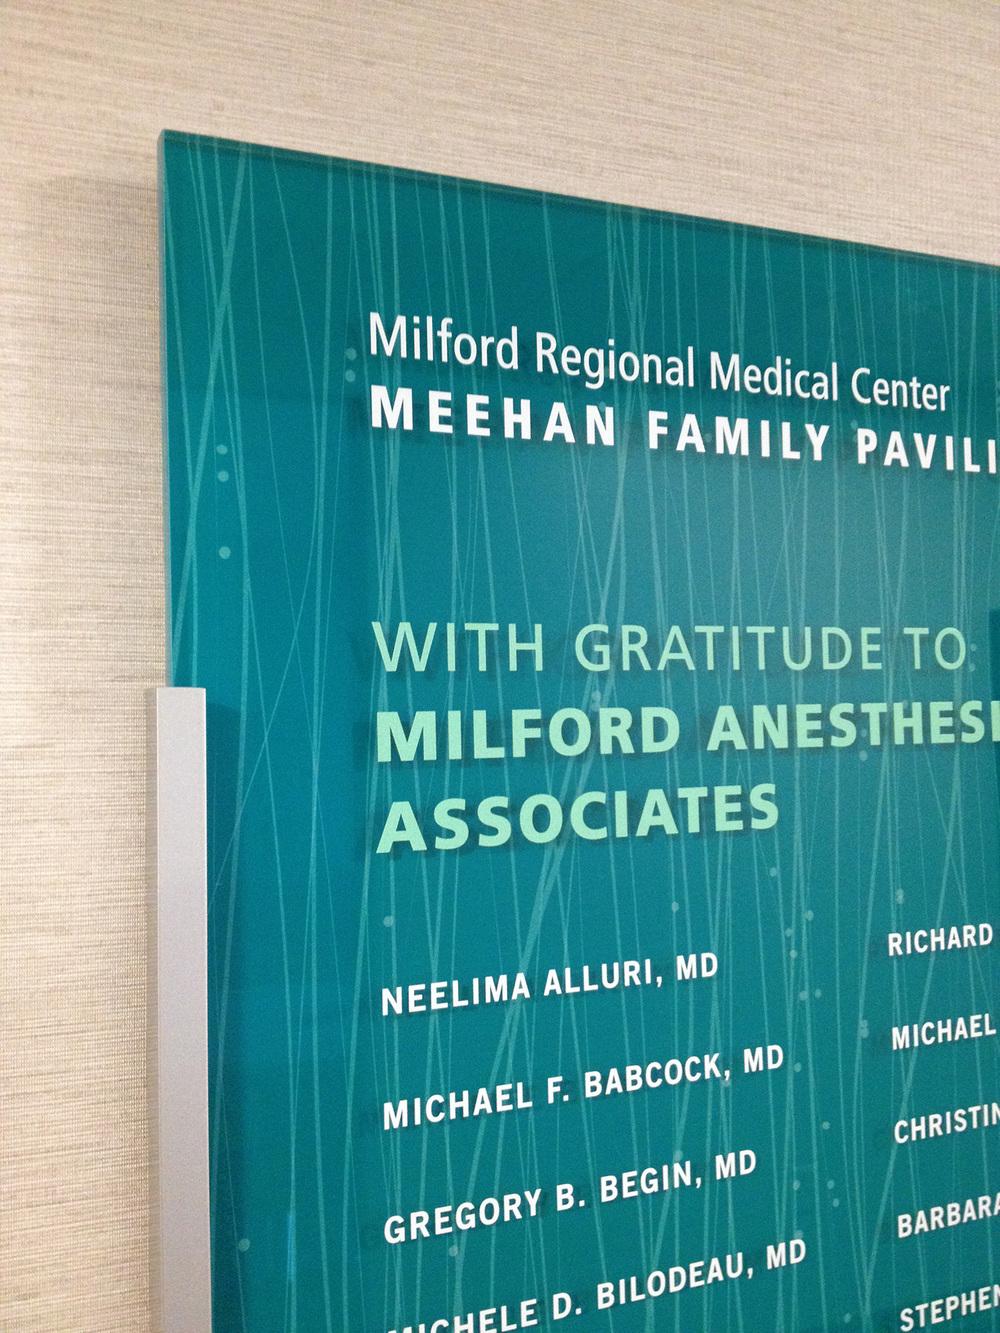 MRMC Interior Donor